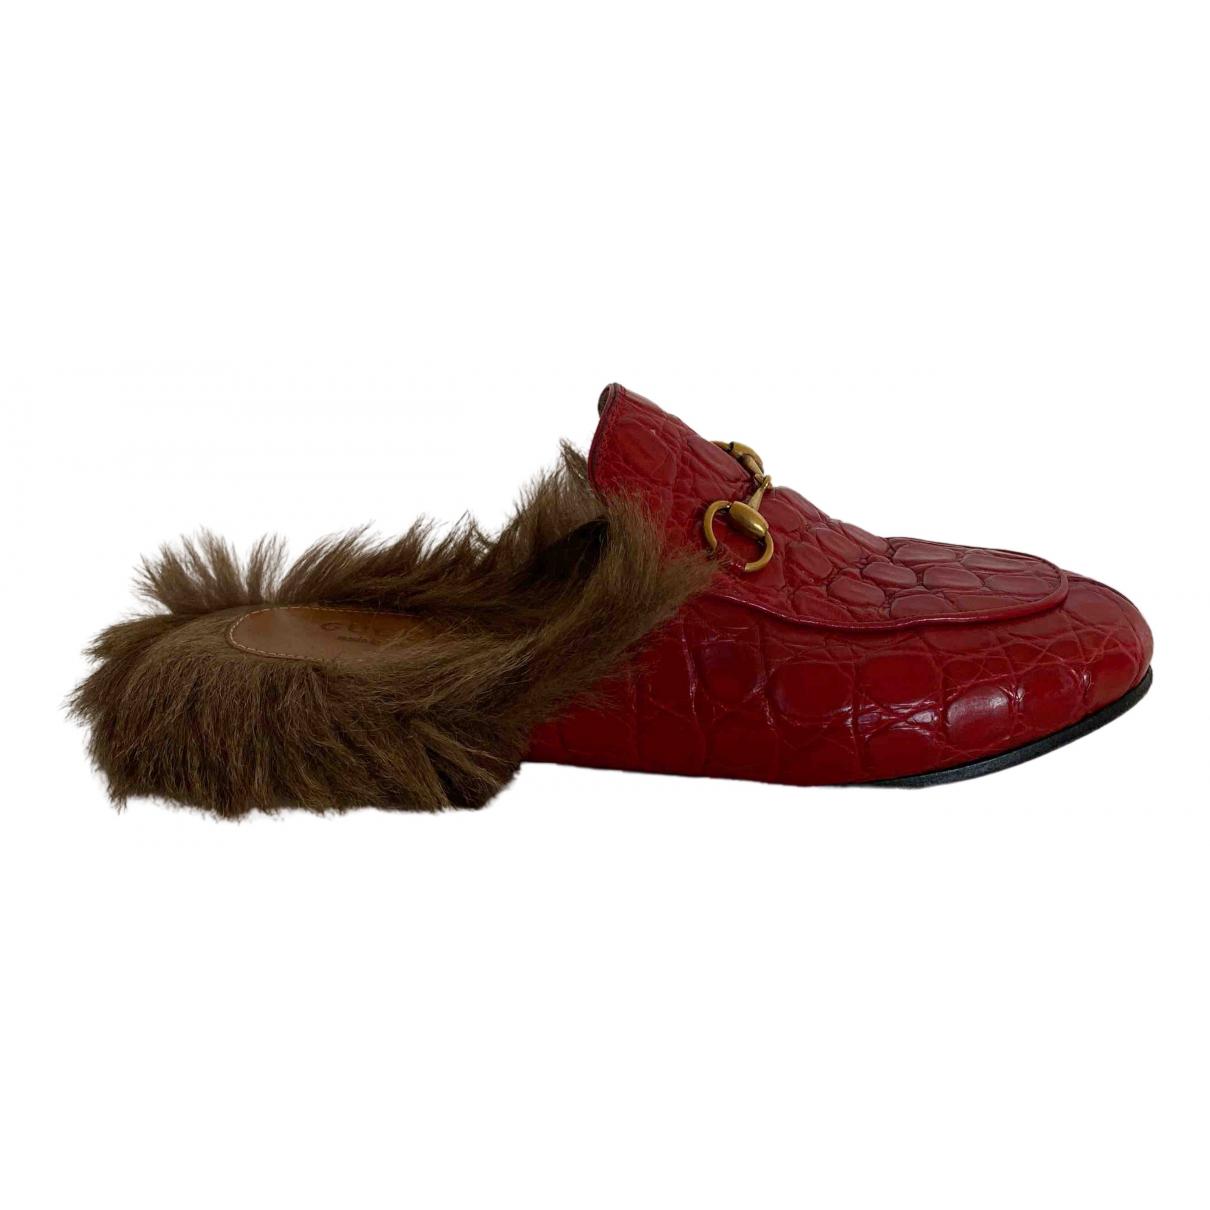 Gucci Princetown Mokassins in  Rot Krokodil